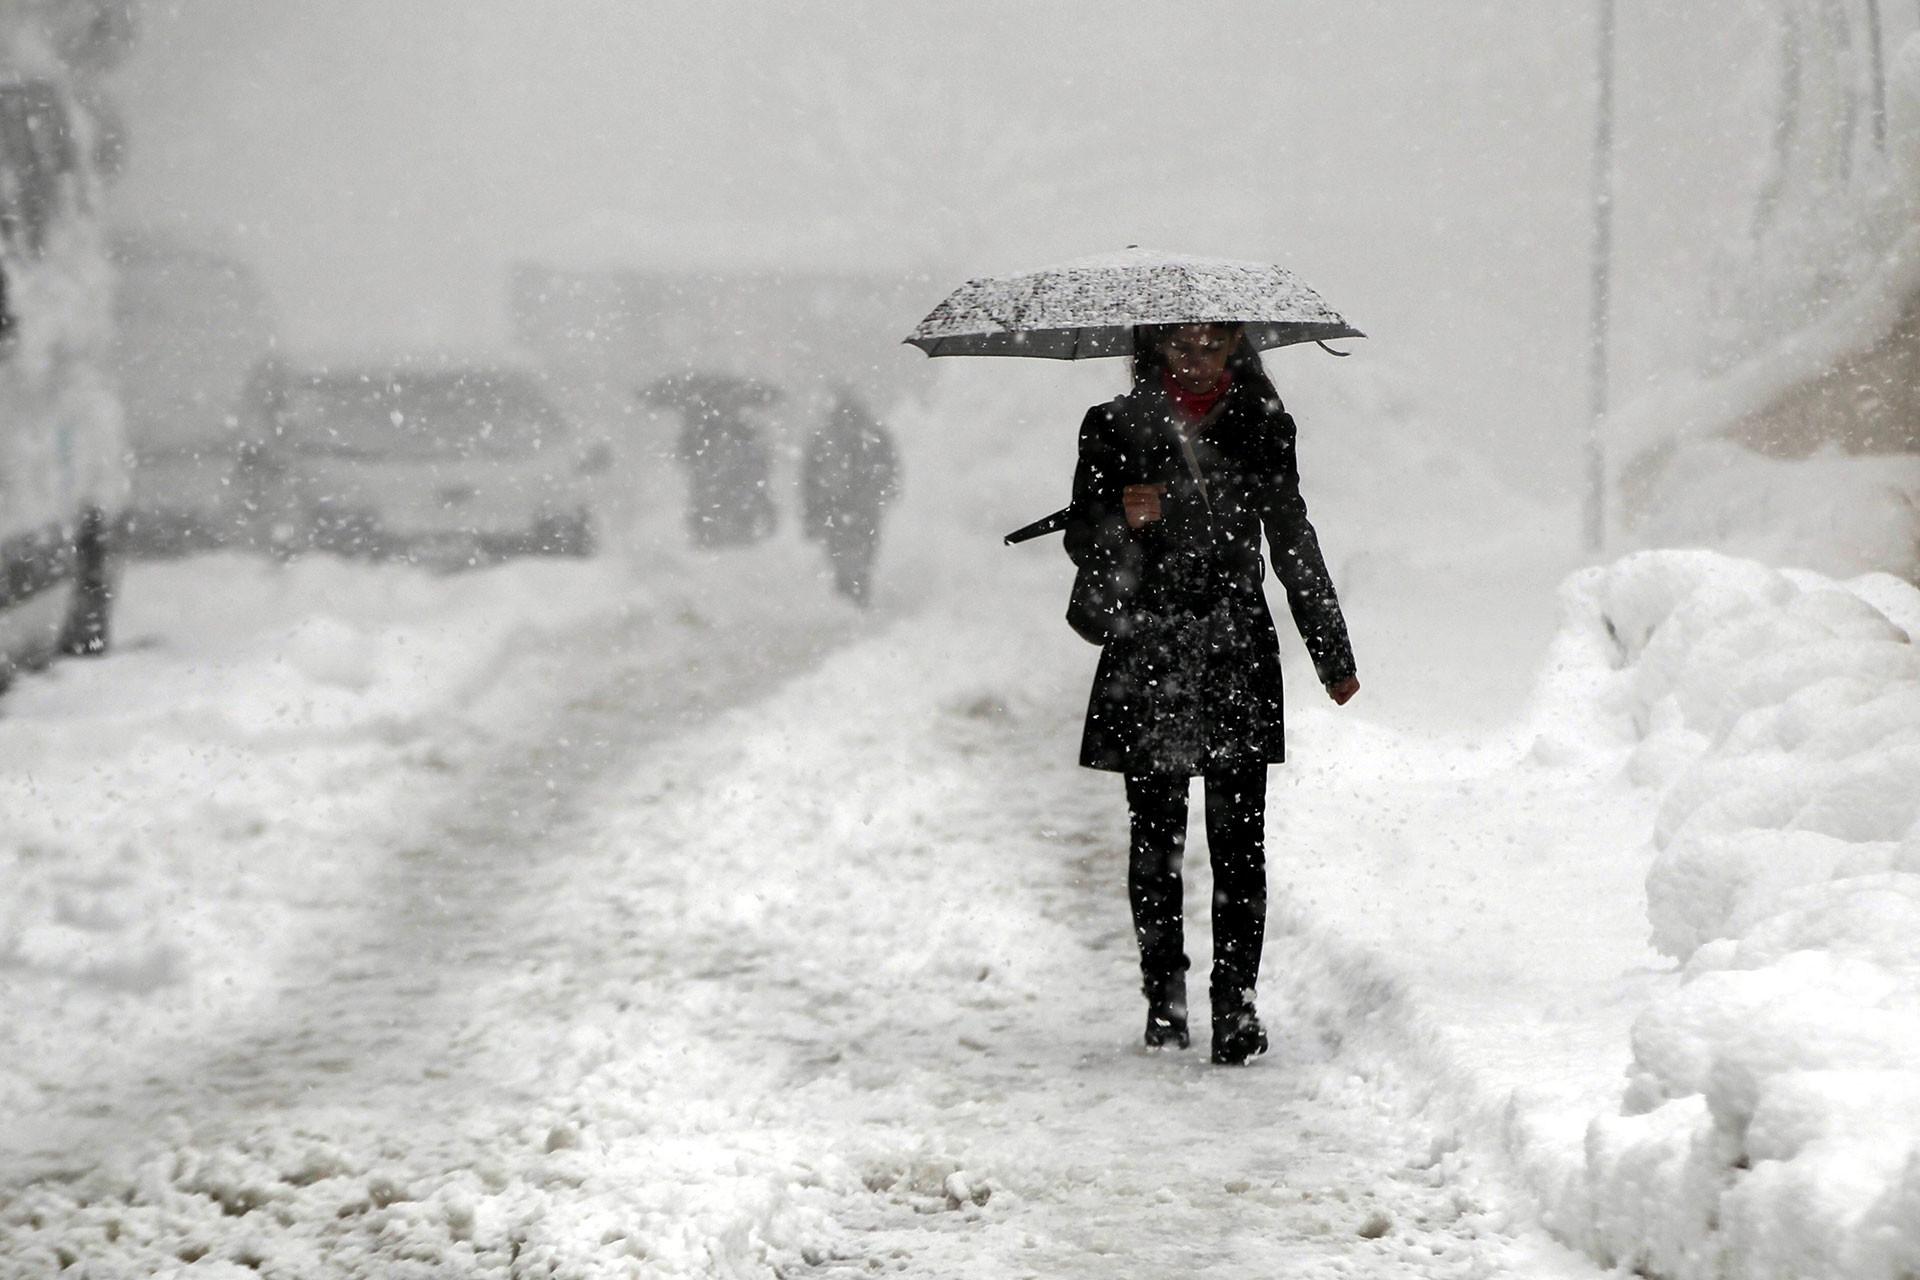 Hakkari'de kar yağışı nedeniyle karla kaplı yollar ve karda yürümeye çalışan bir kadın.